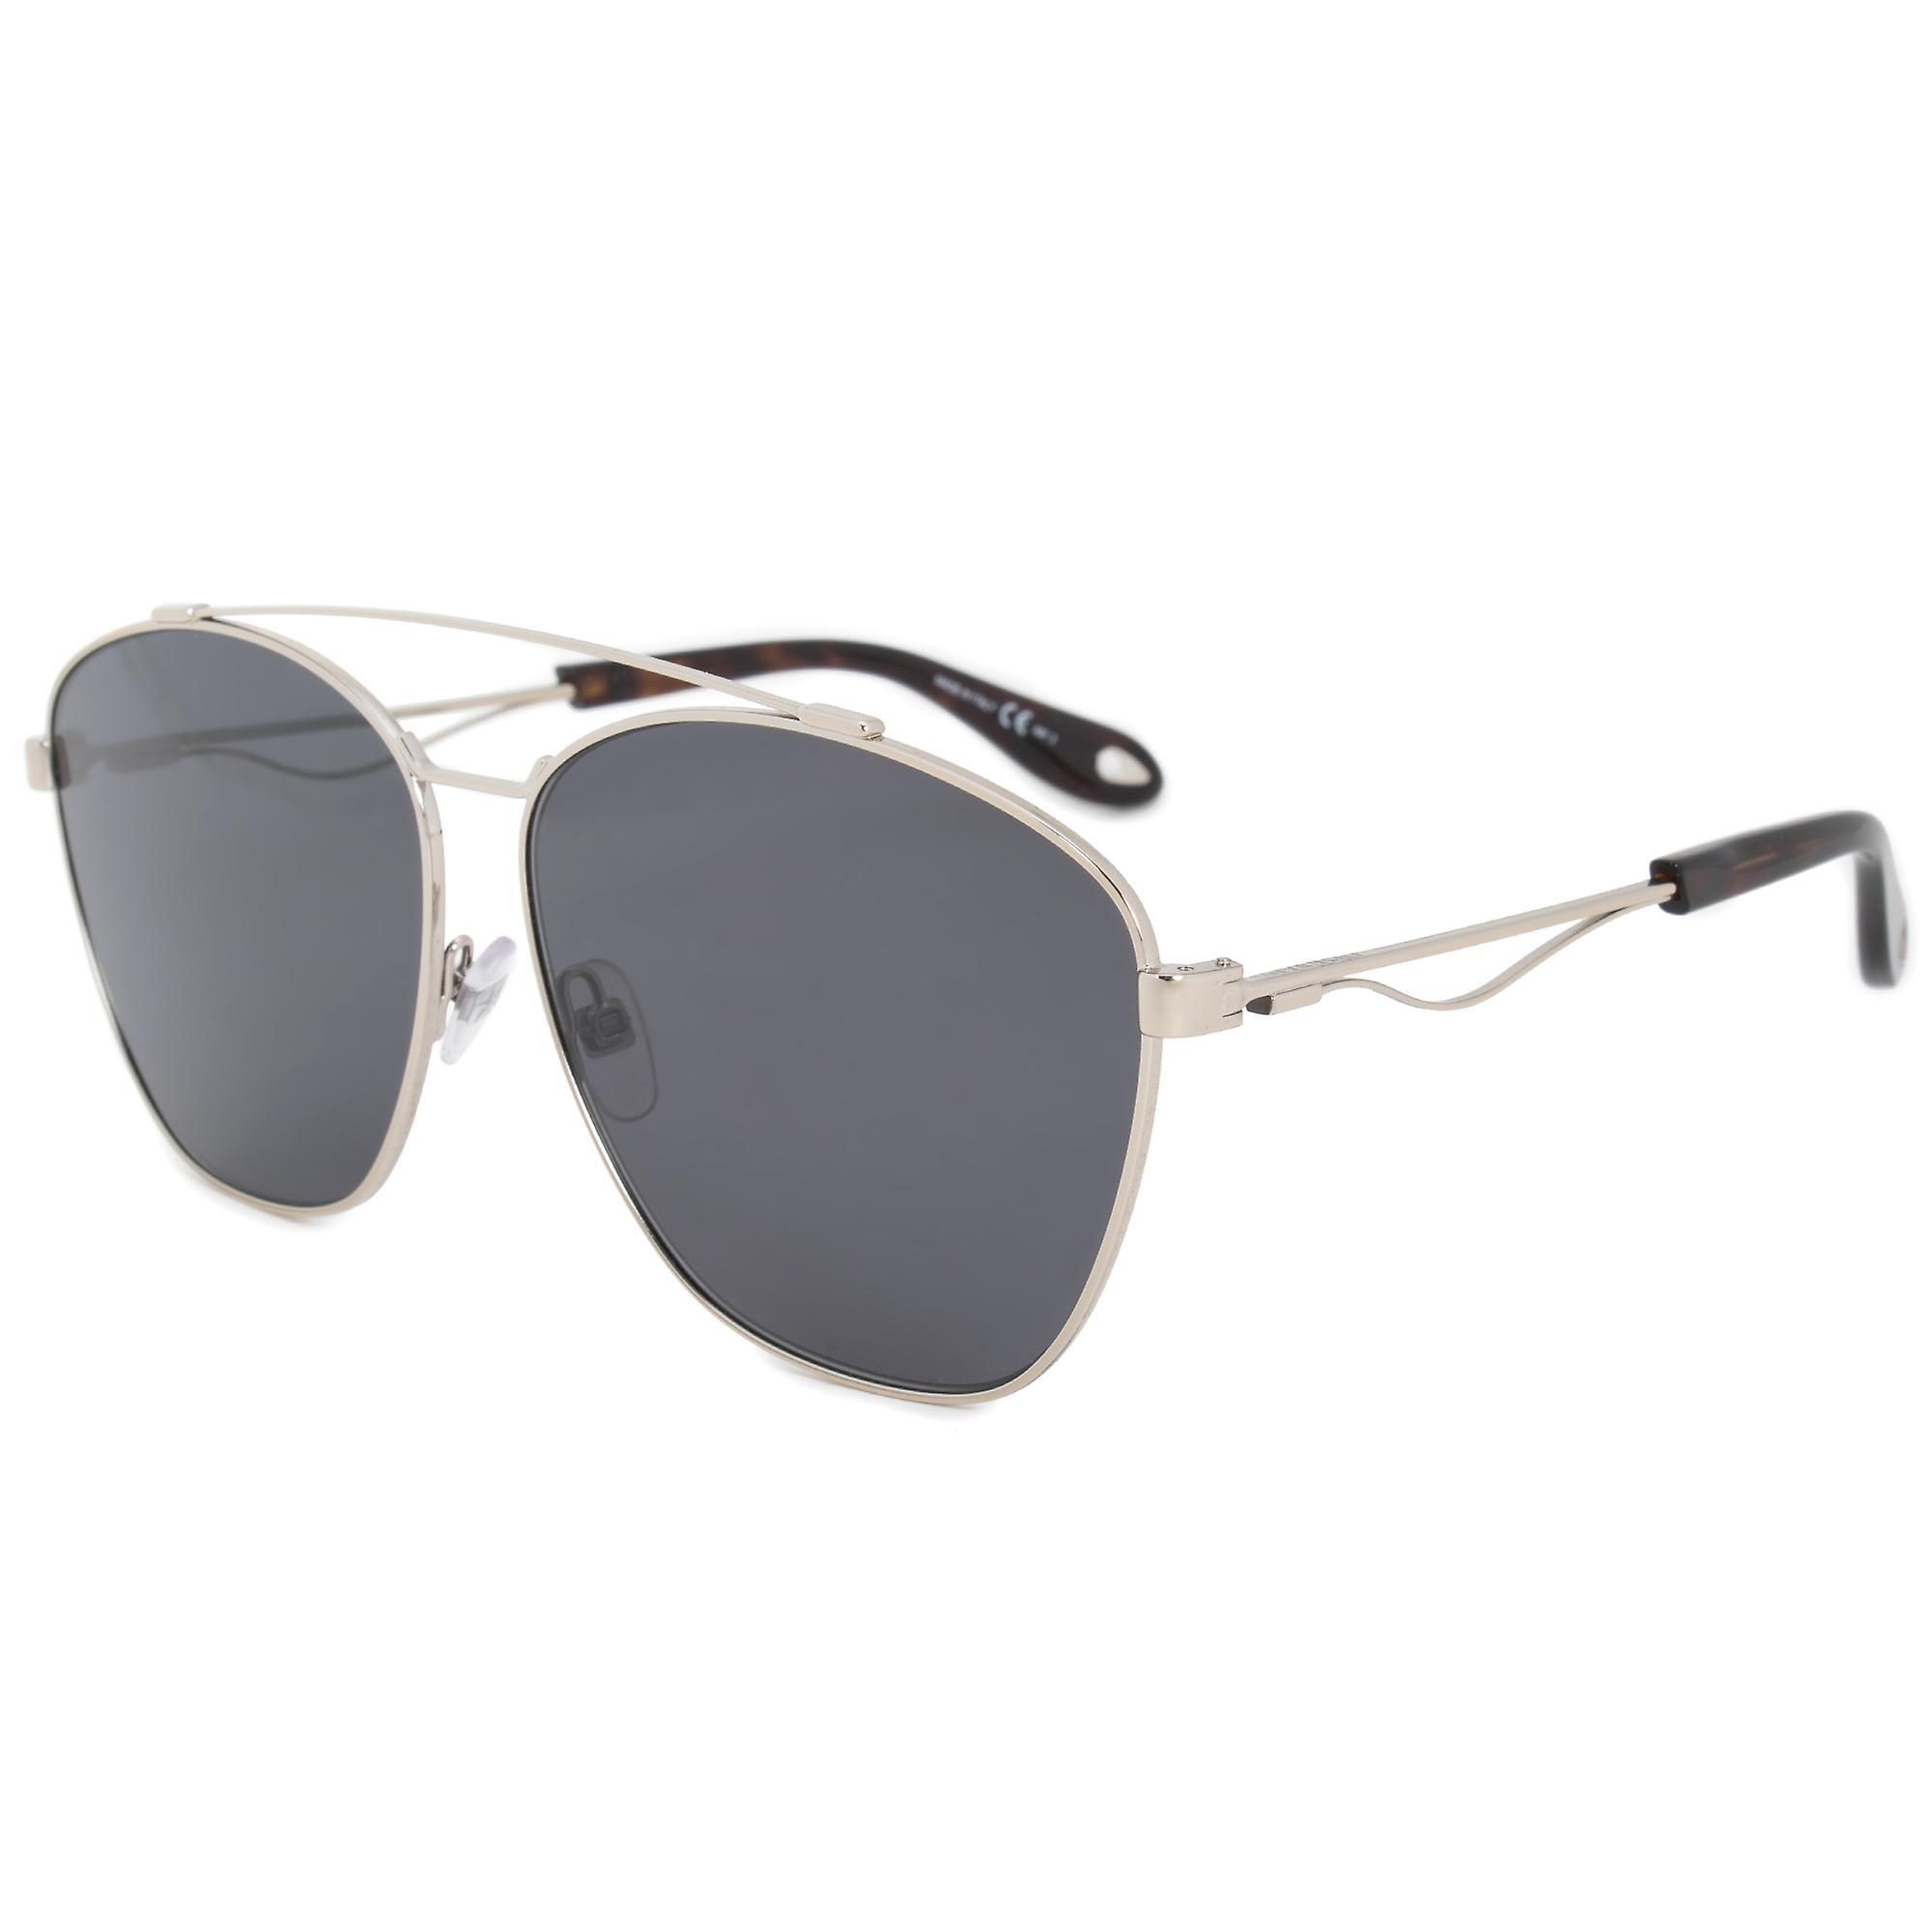 Givenchy Aviator Sunglasses GV7049/S 3YG/IR 65